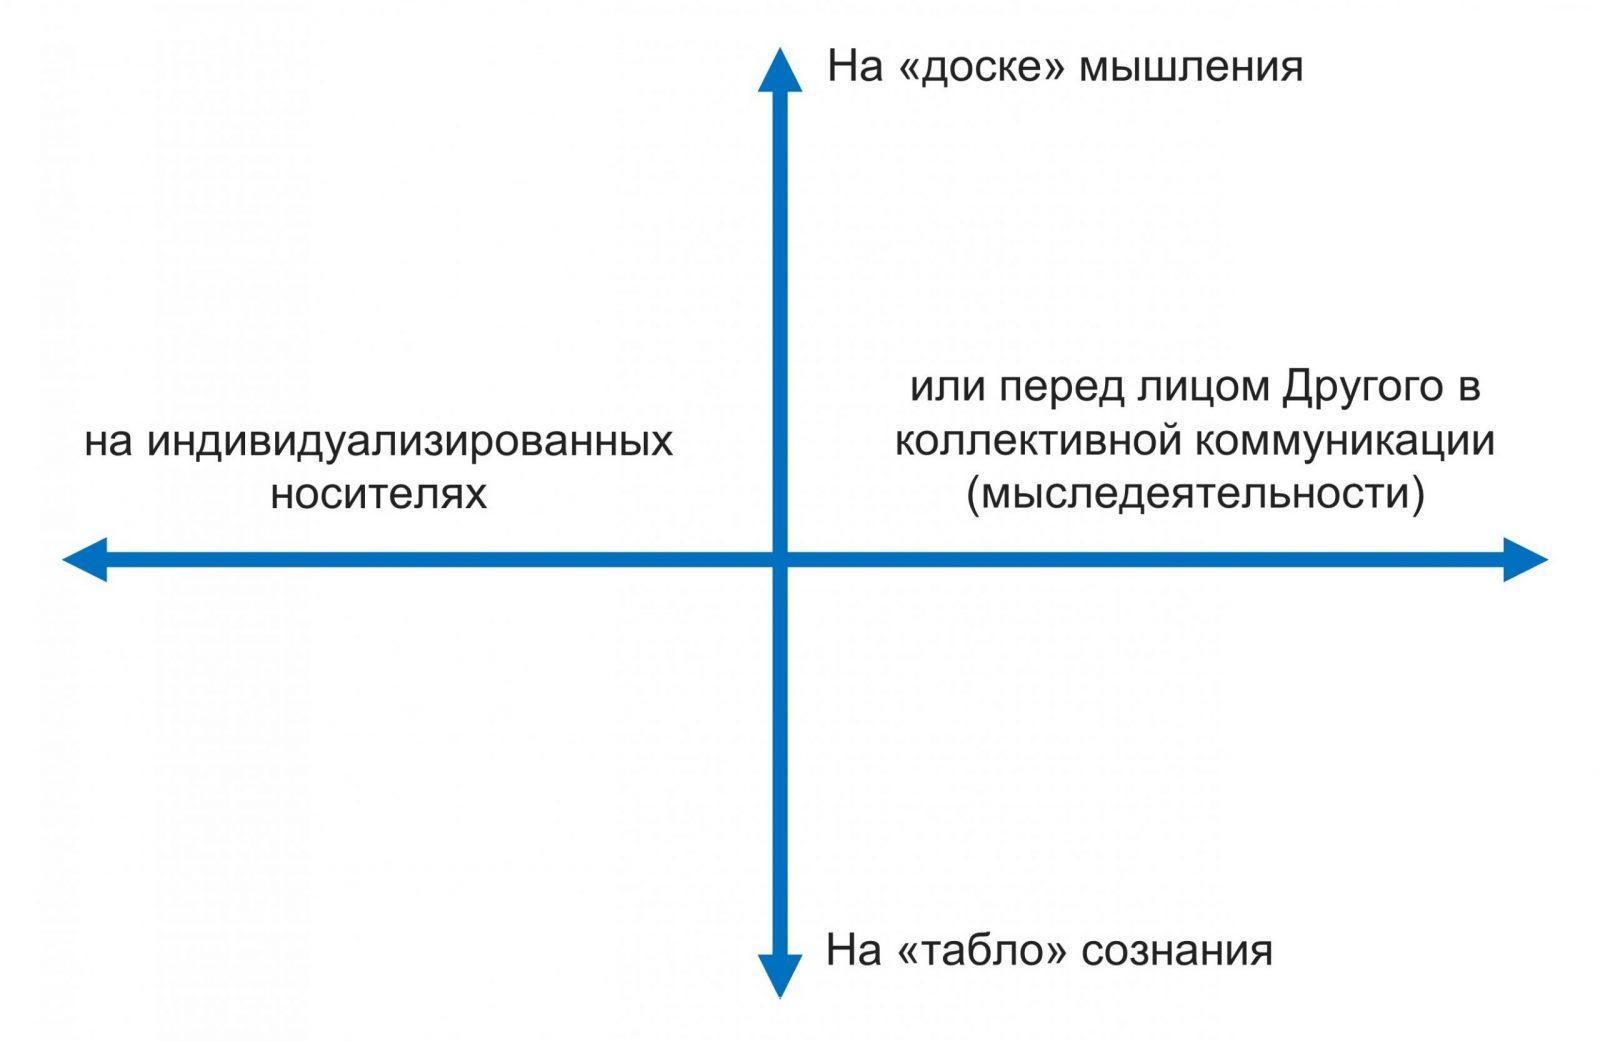 Ключевые развилки: где и как разворачивается мышление?